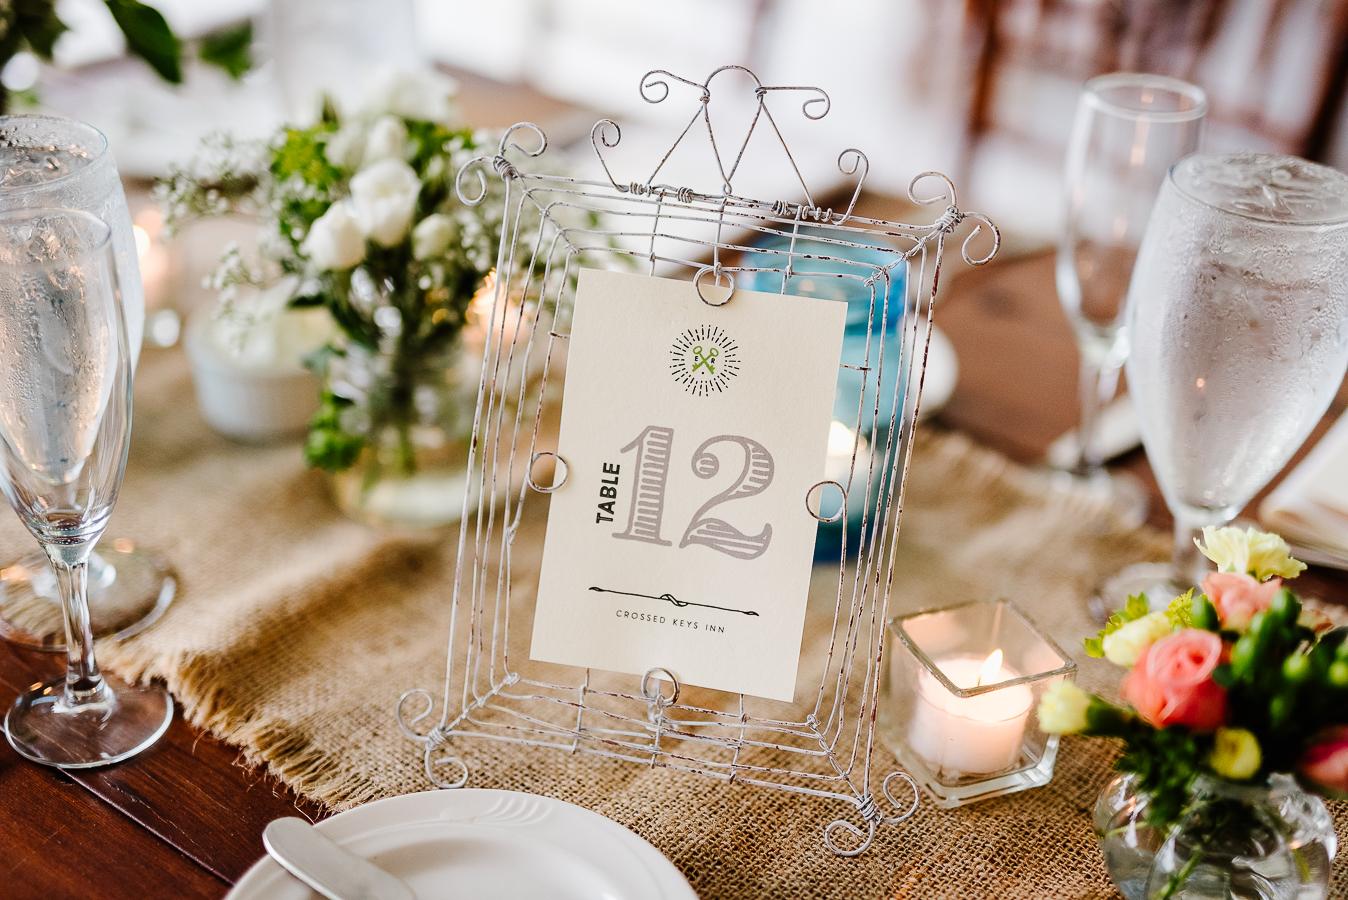 Stylish Crossed Keys Inn Wedding Crossed Keys Wedding Crossed Keys Inn Andover NJ Longbrook Photography-56.jpg